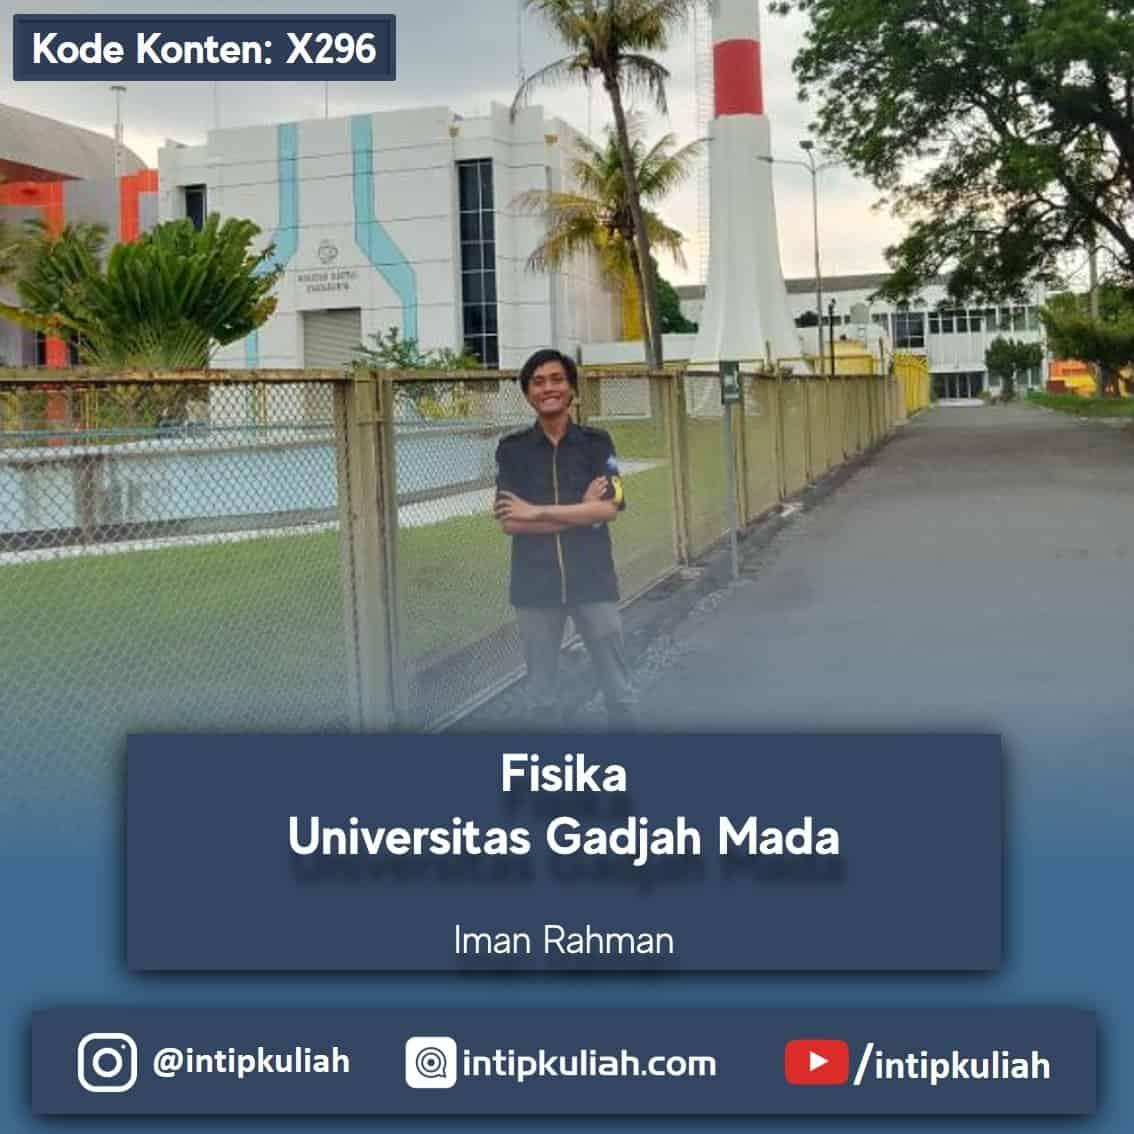 Fisika UGM / Universitas Gadjah Mada (Iman)